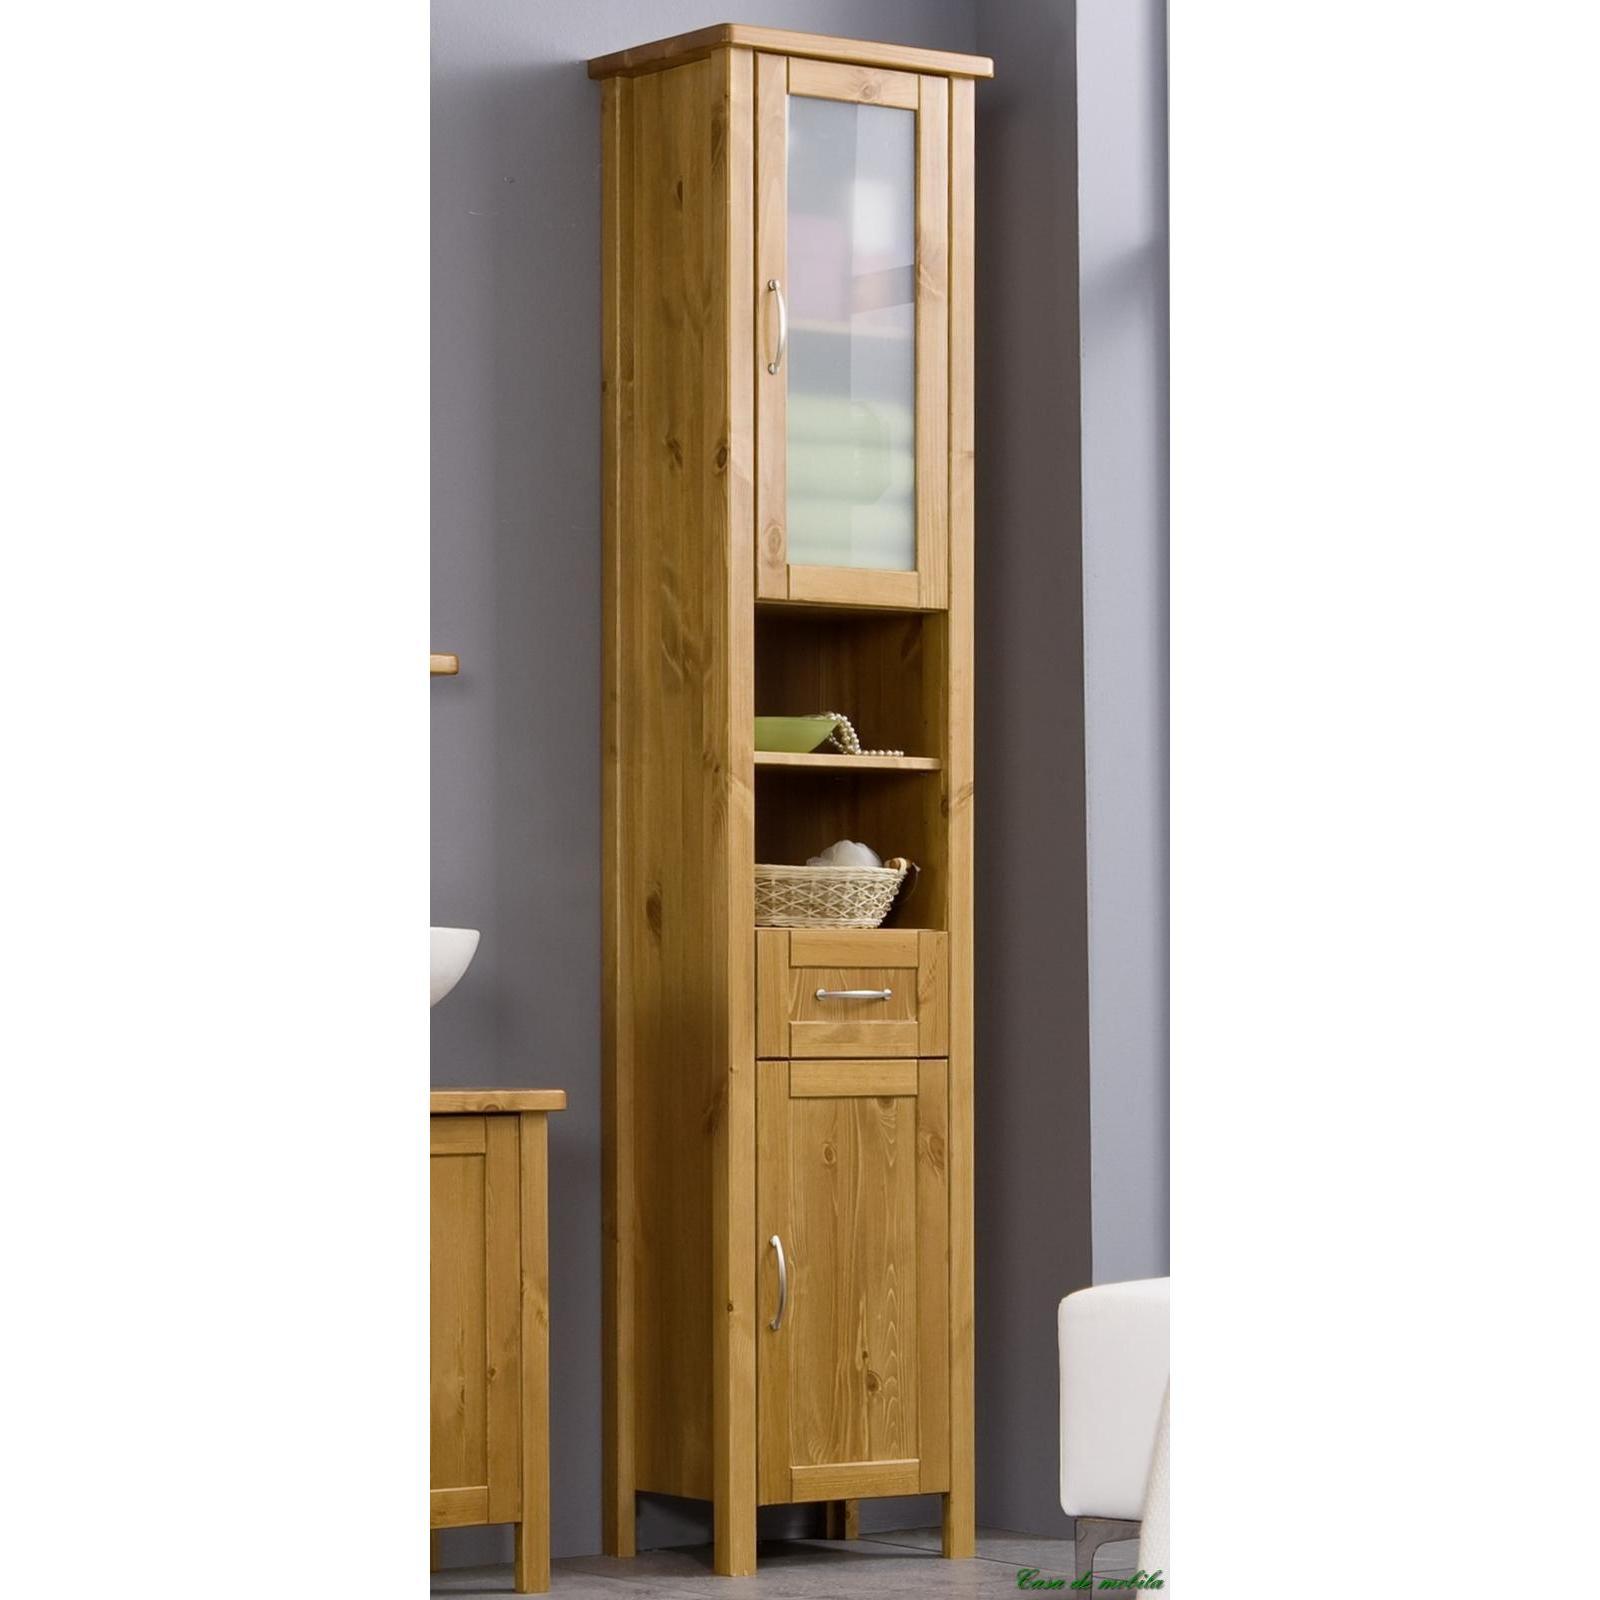 badezimmerschrank holz. Black Bedroom Furniture Sets. Home Design Ideas